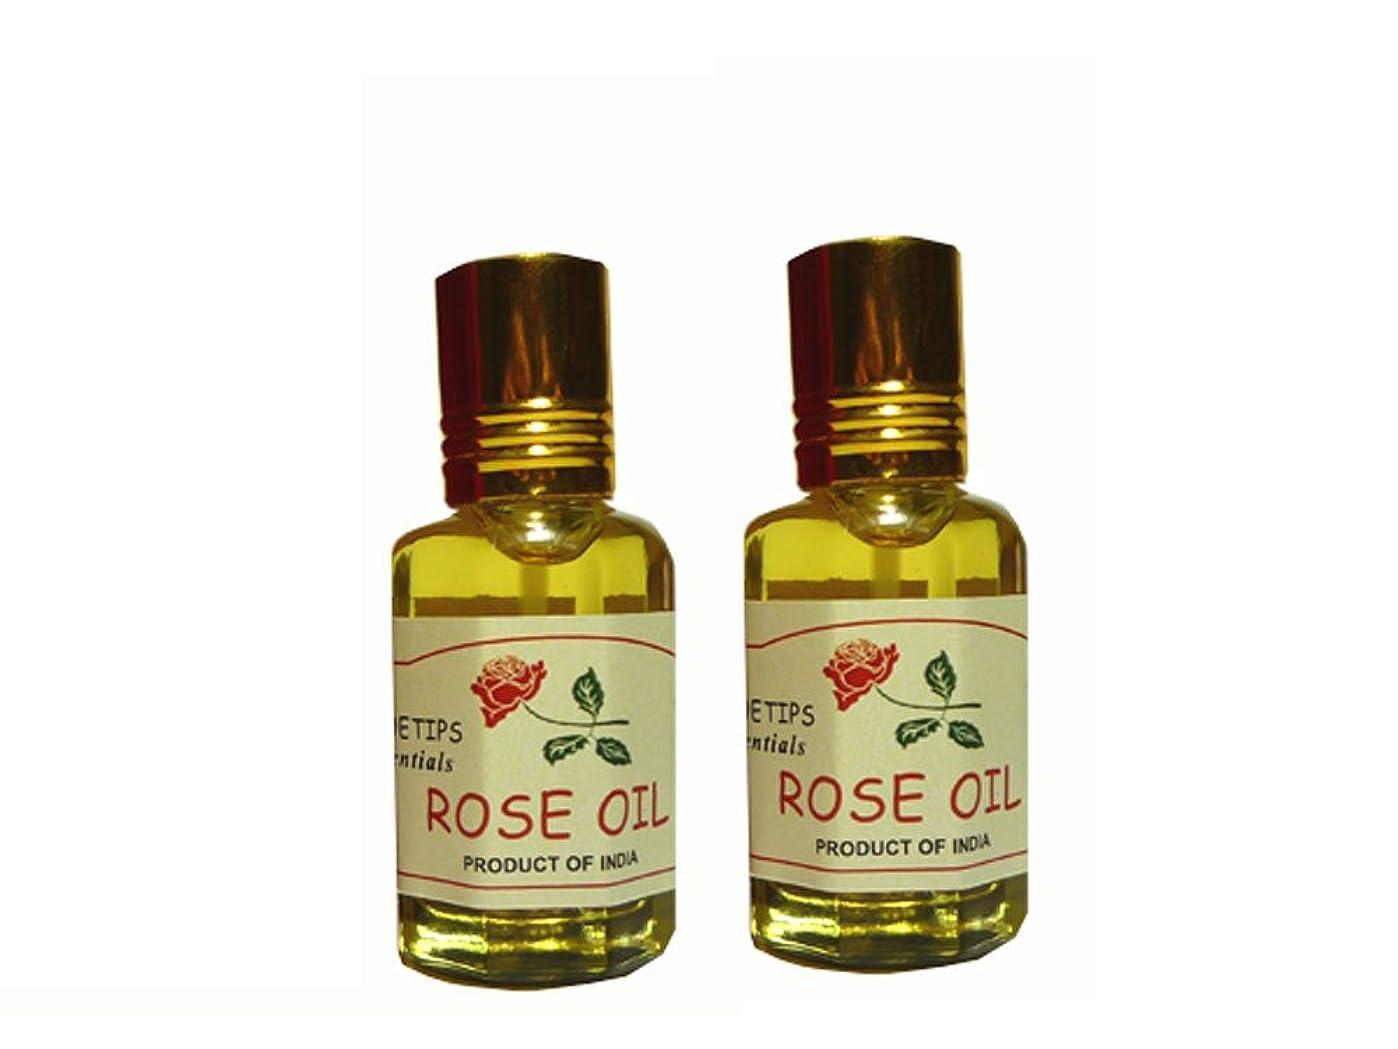 縮れた電子飛行機ペコー ティップス ダマスクローズ オイル オット 100%精油(インド産 精油) 2本 PEKOE TIPS TEA ROSE ESSENTIAL OIL ROSA DAMASCENA(Damask rose) 12ml*2set